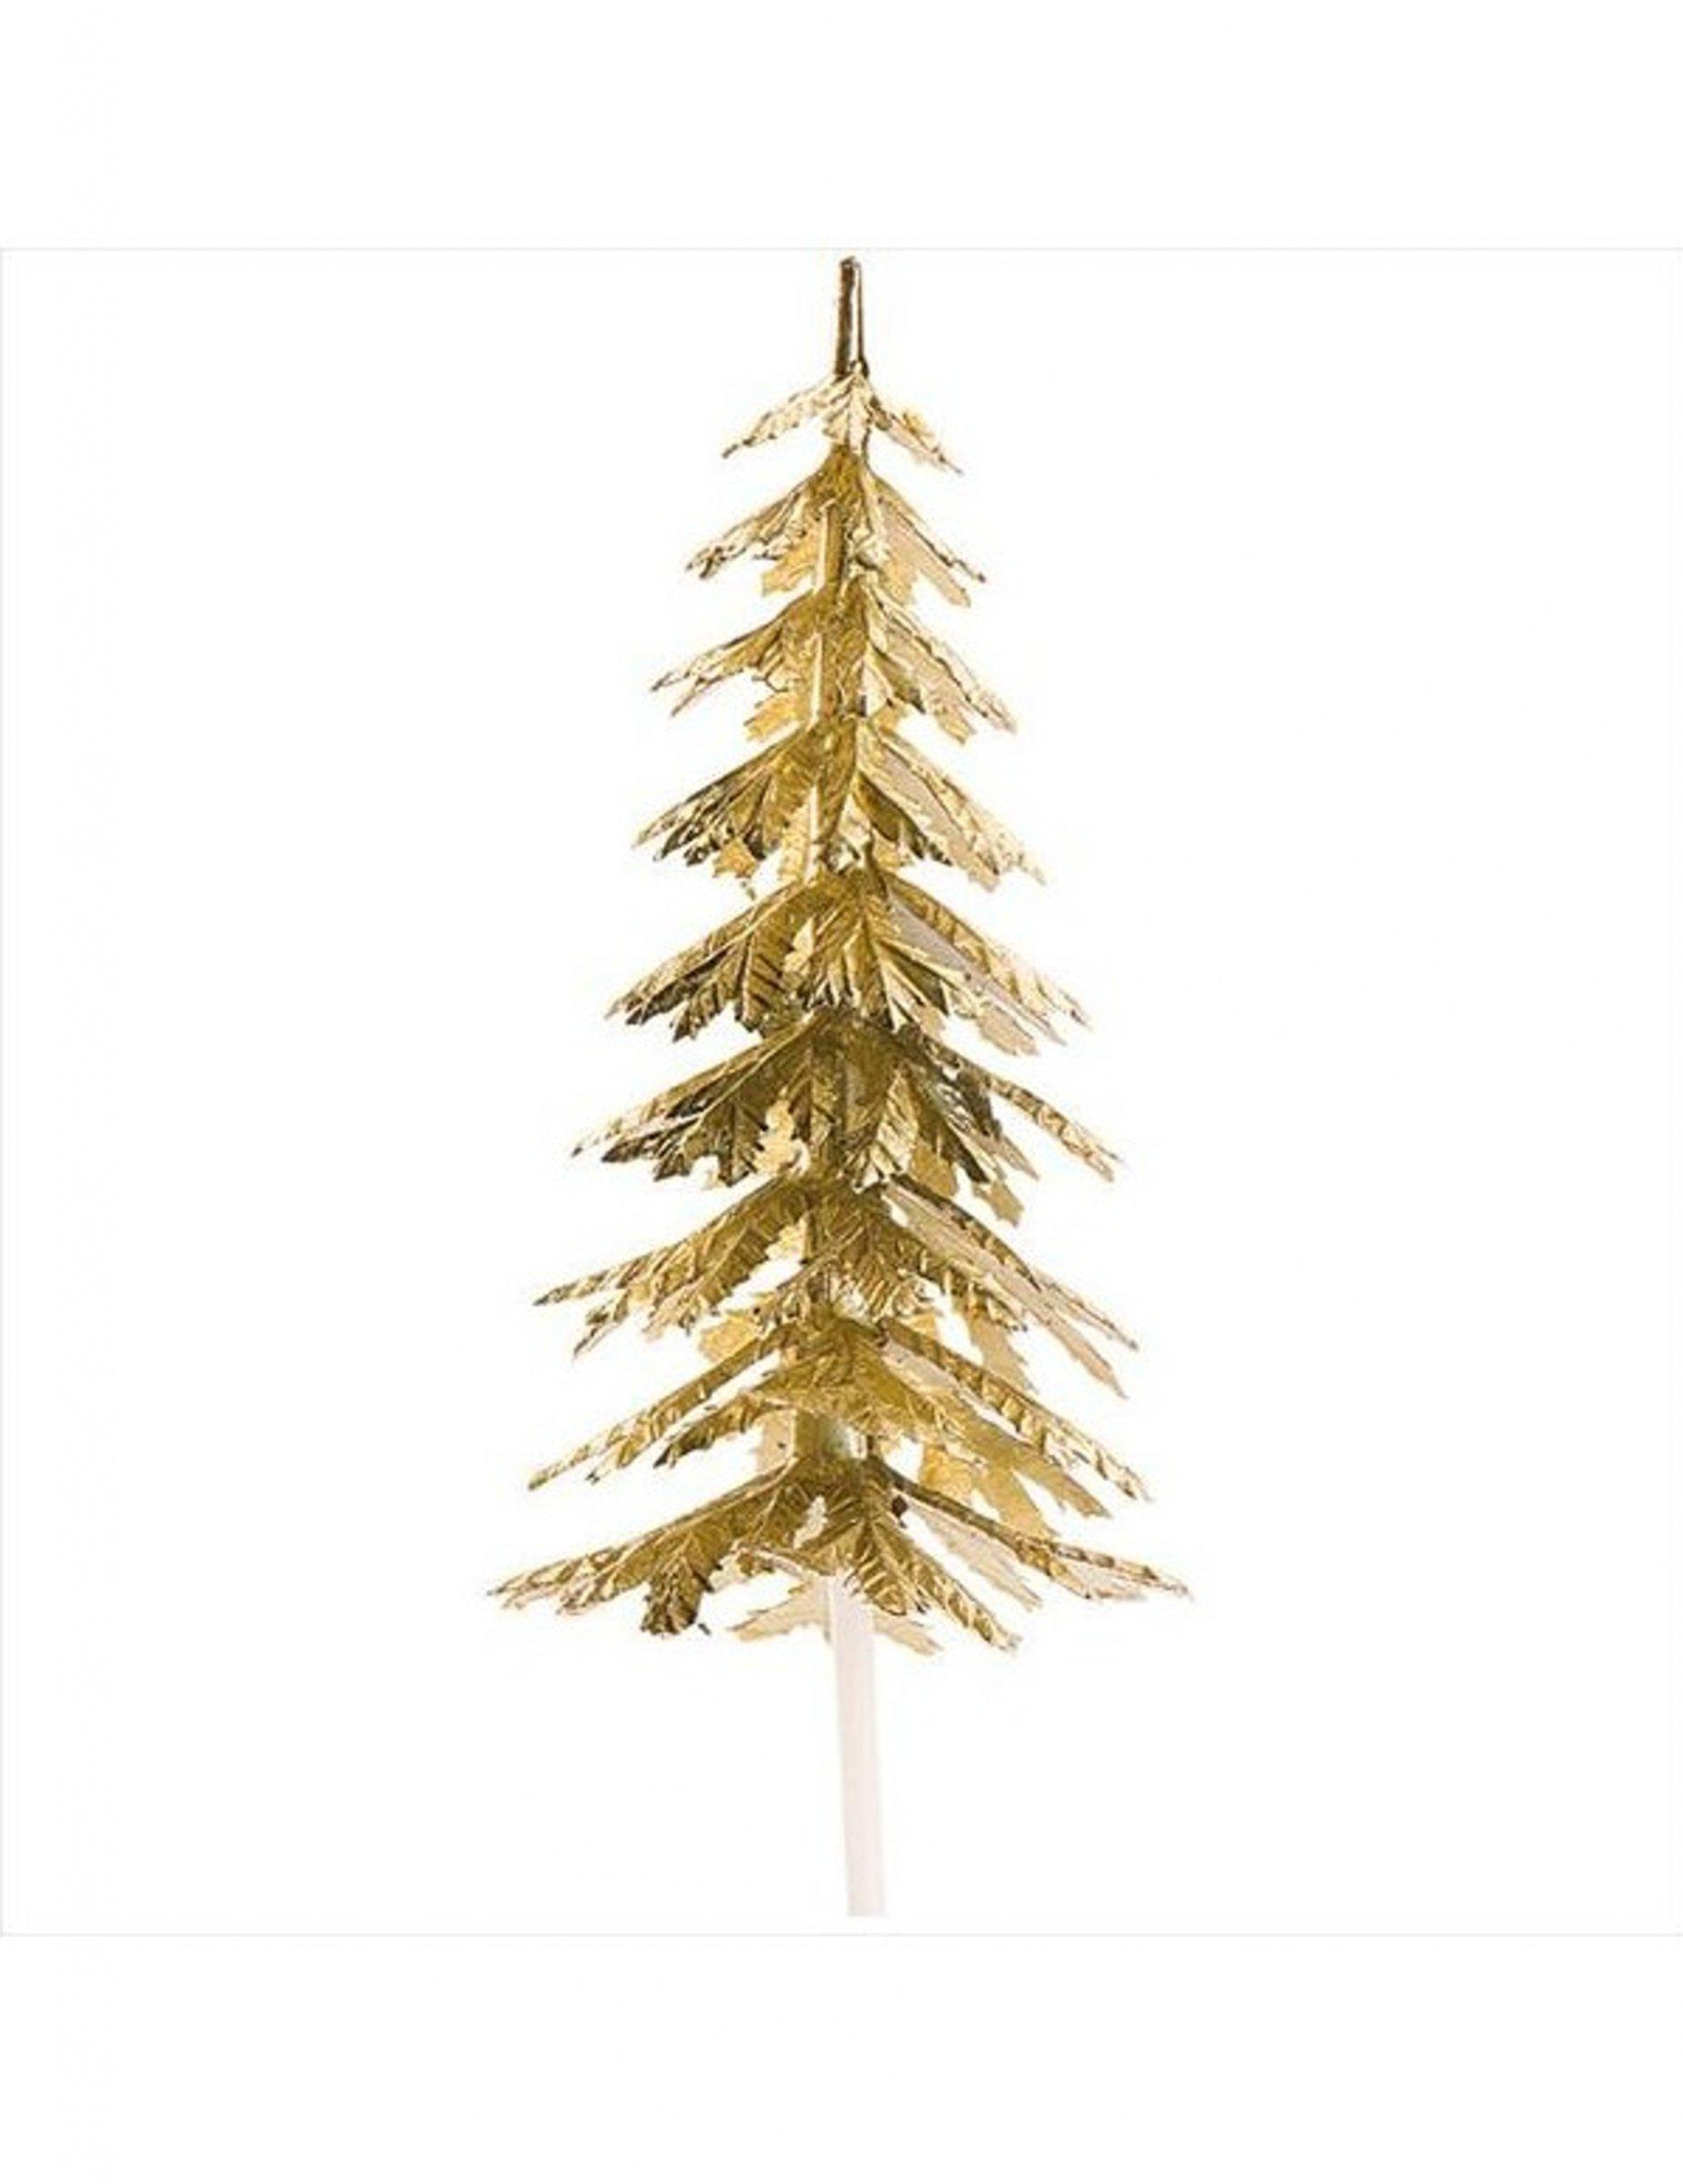 Decorazioni Natalizie Dorate.Decorazione Per Dolci Albero Di Natale Dorato Su Vegaooparty Negozio Di Articoli Per Feste